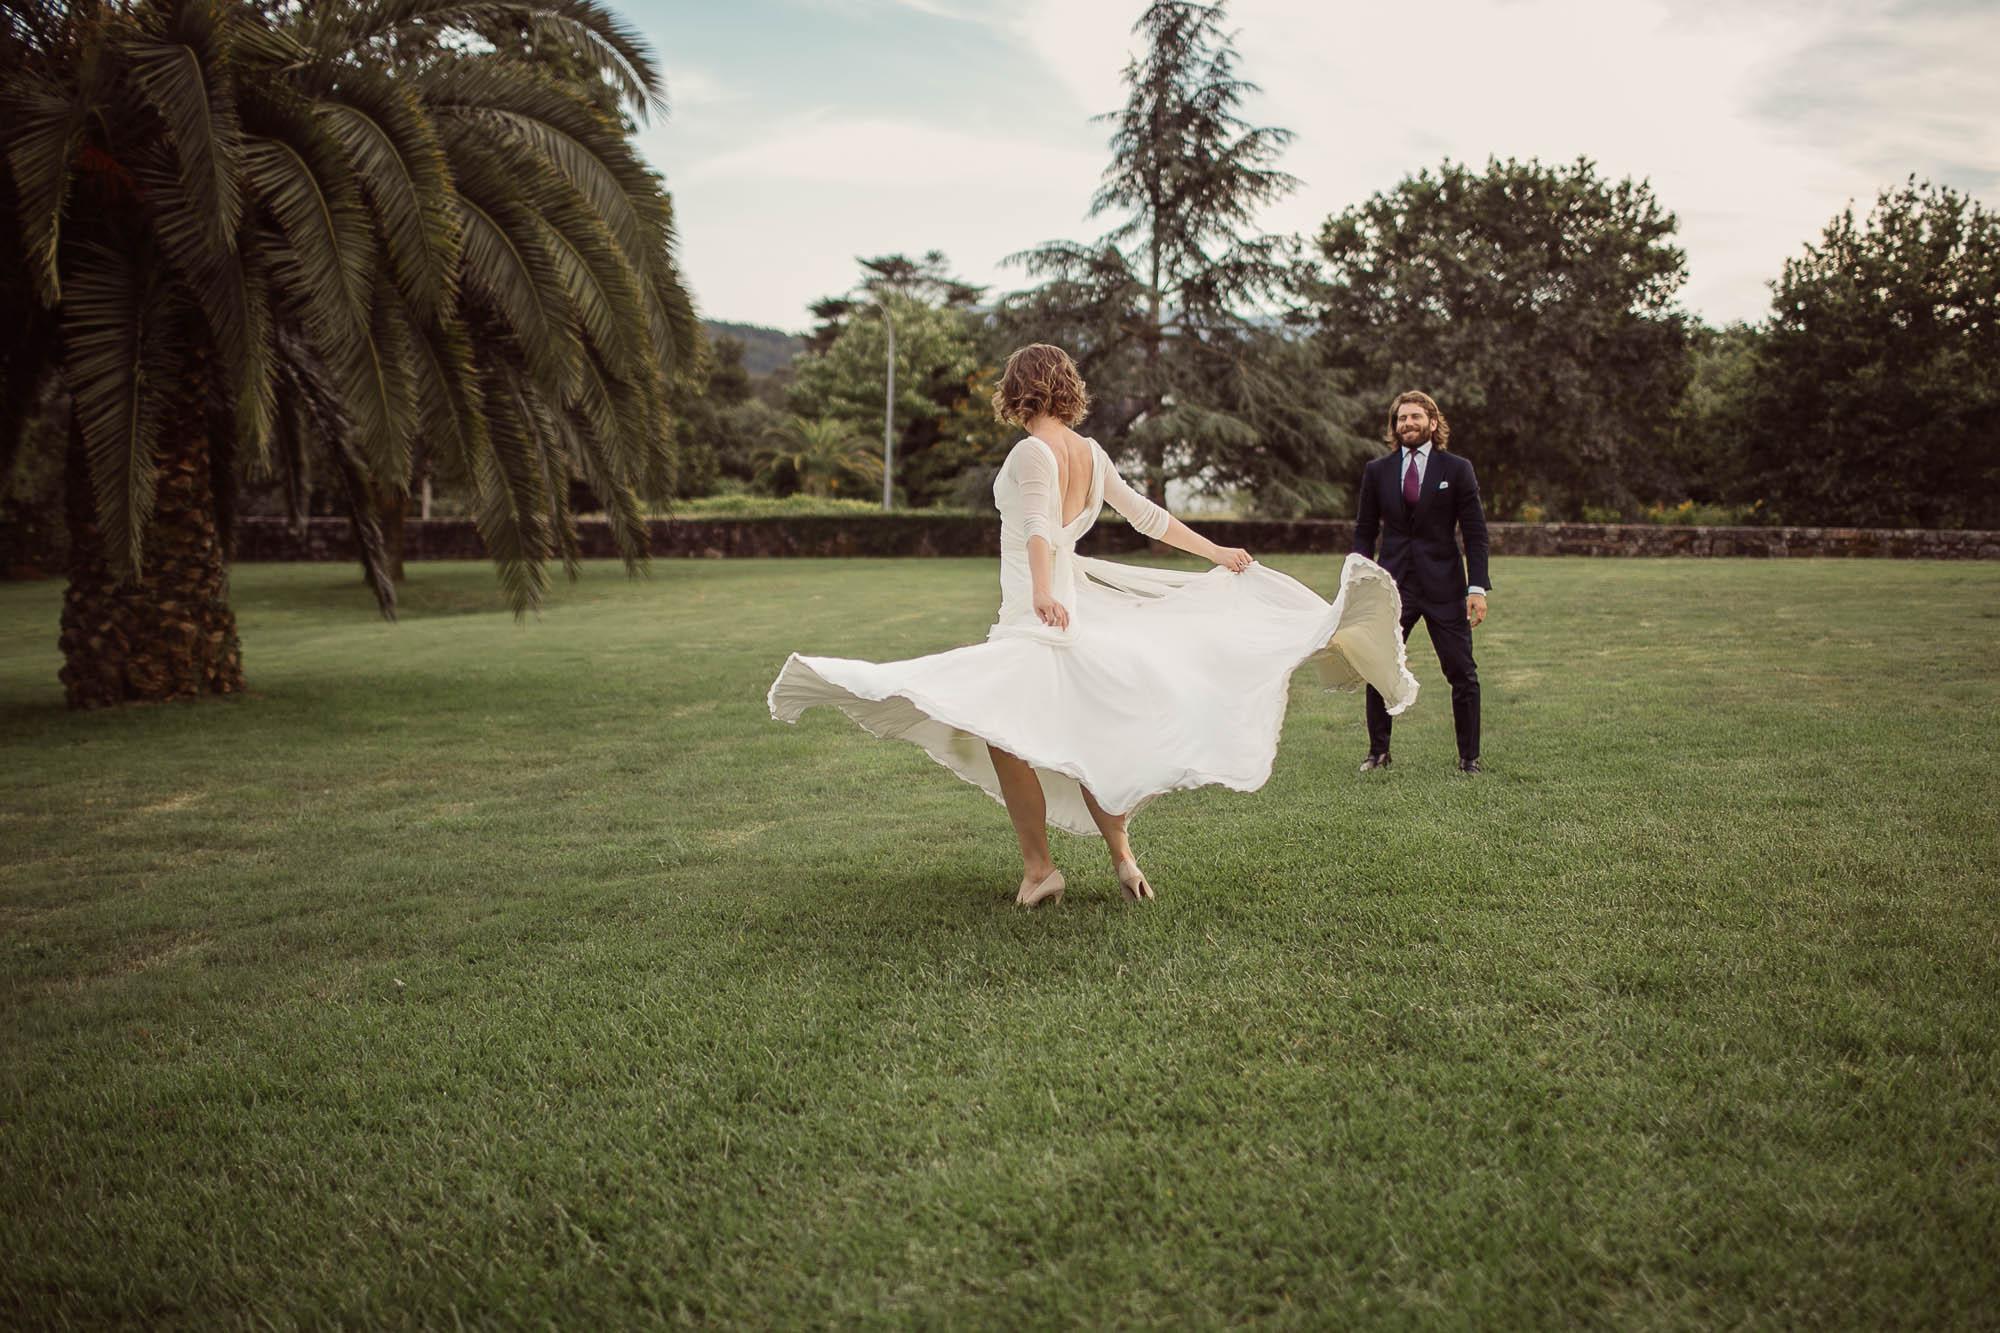 La novia ondeando la falda blanca de su vestido mientras su marido la observa